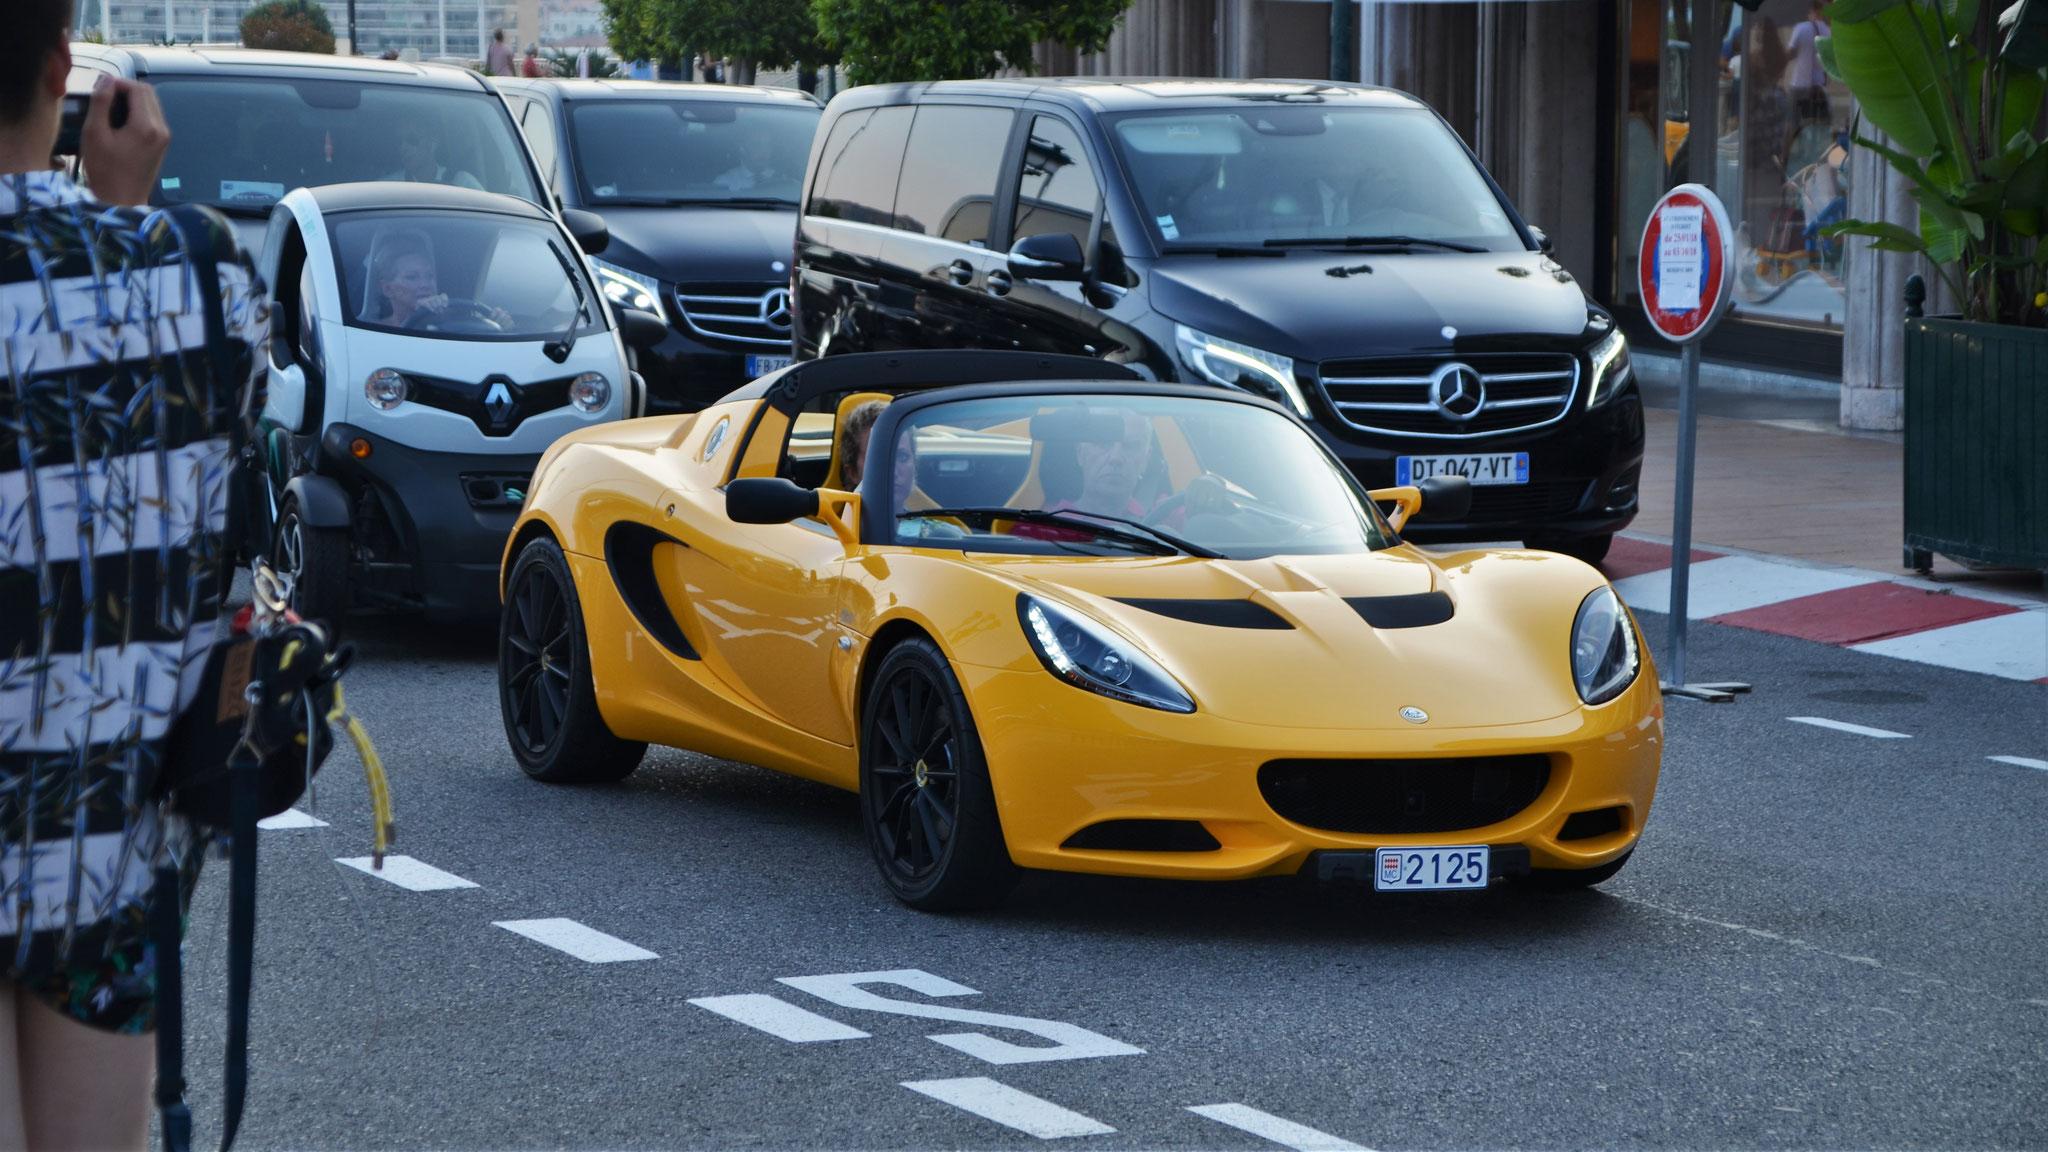 Lotus Elise S3 - 2125 (MC)